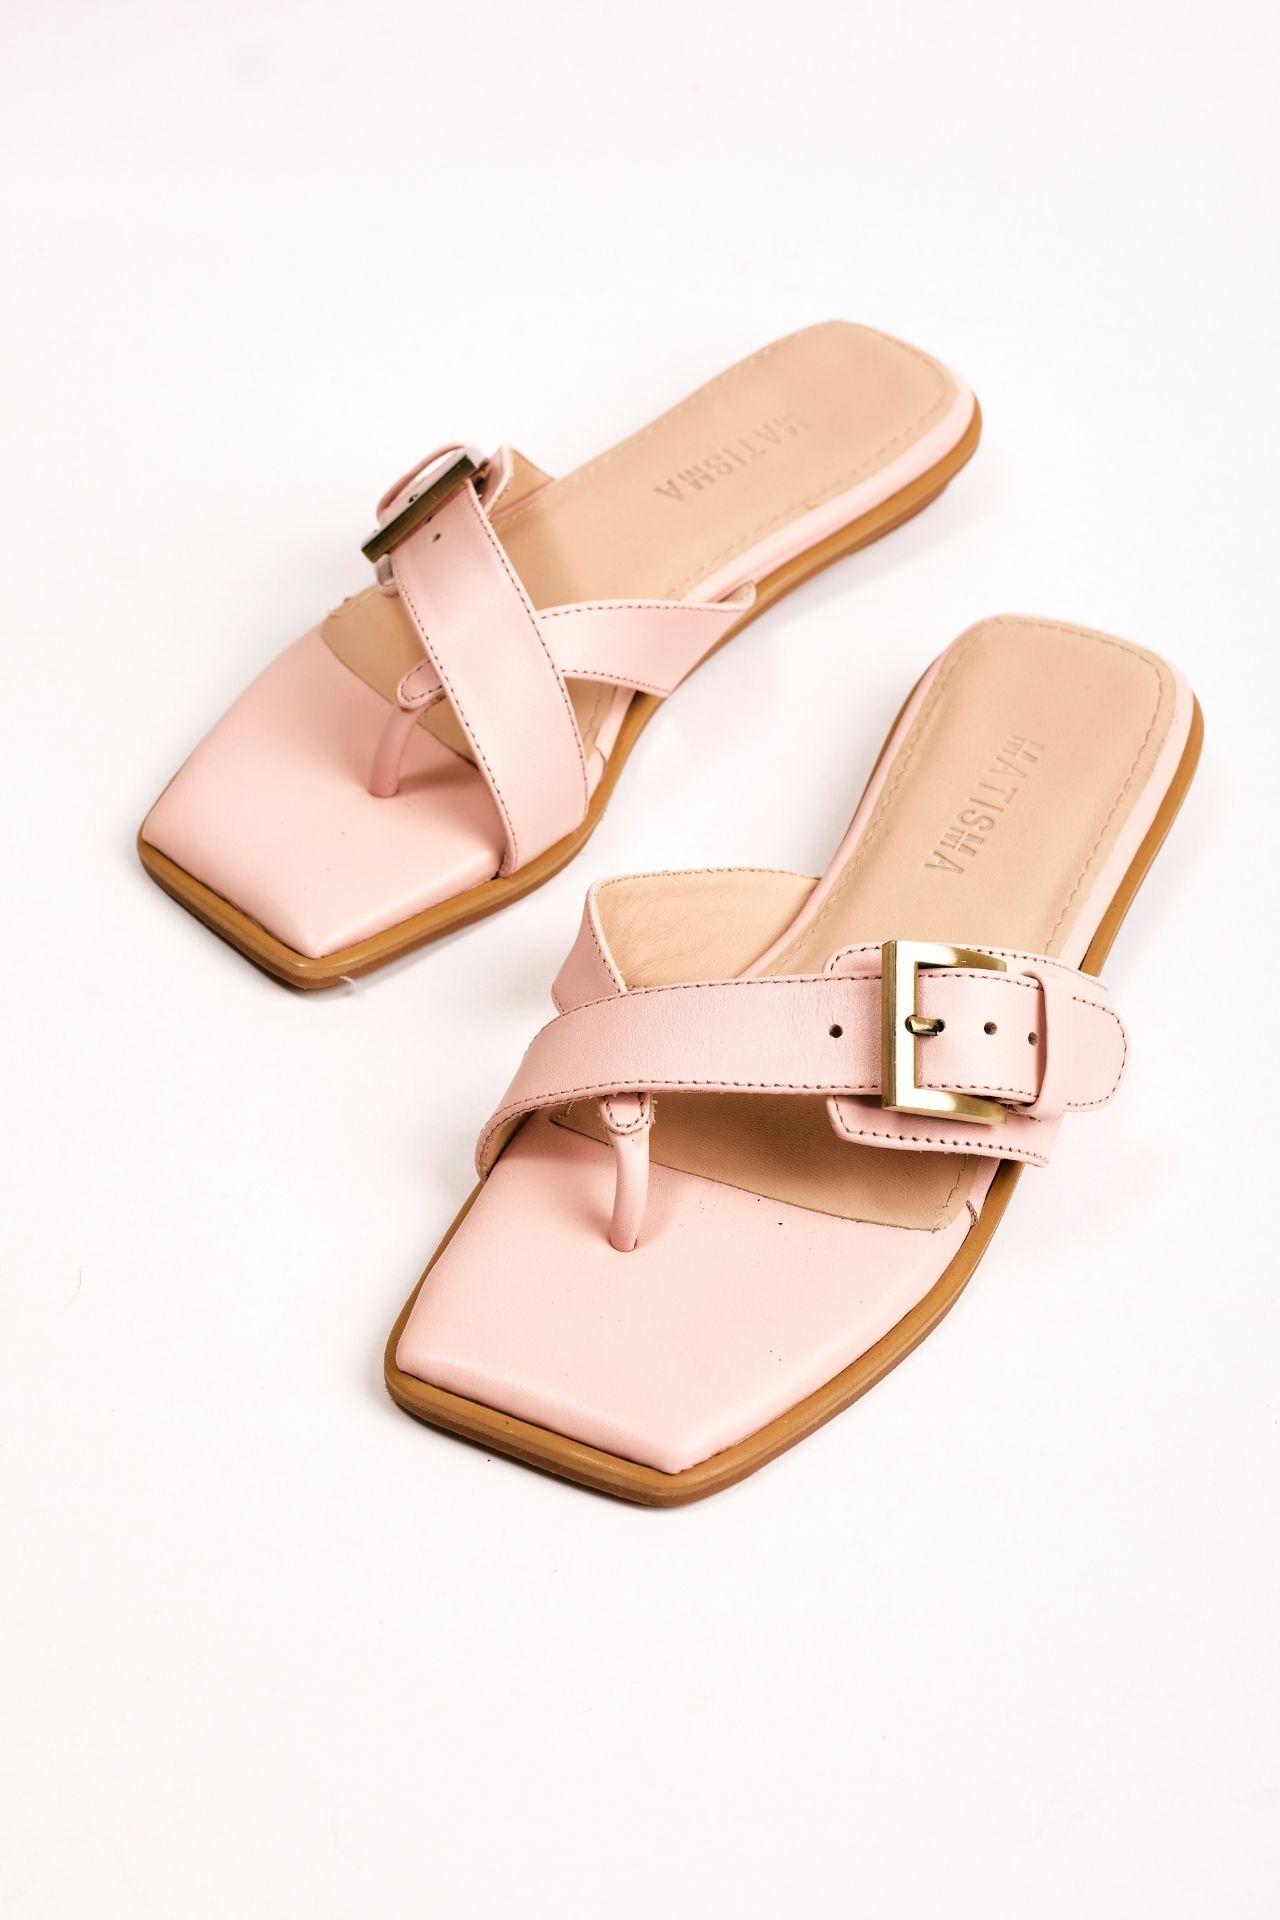 Sandalias de cuero rosa con una hebilla  CAPELLADA: CUERO NATURAL / FORRO: BADANA NATURAL